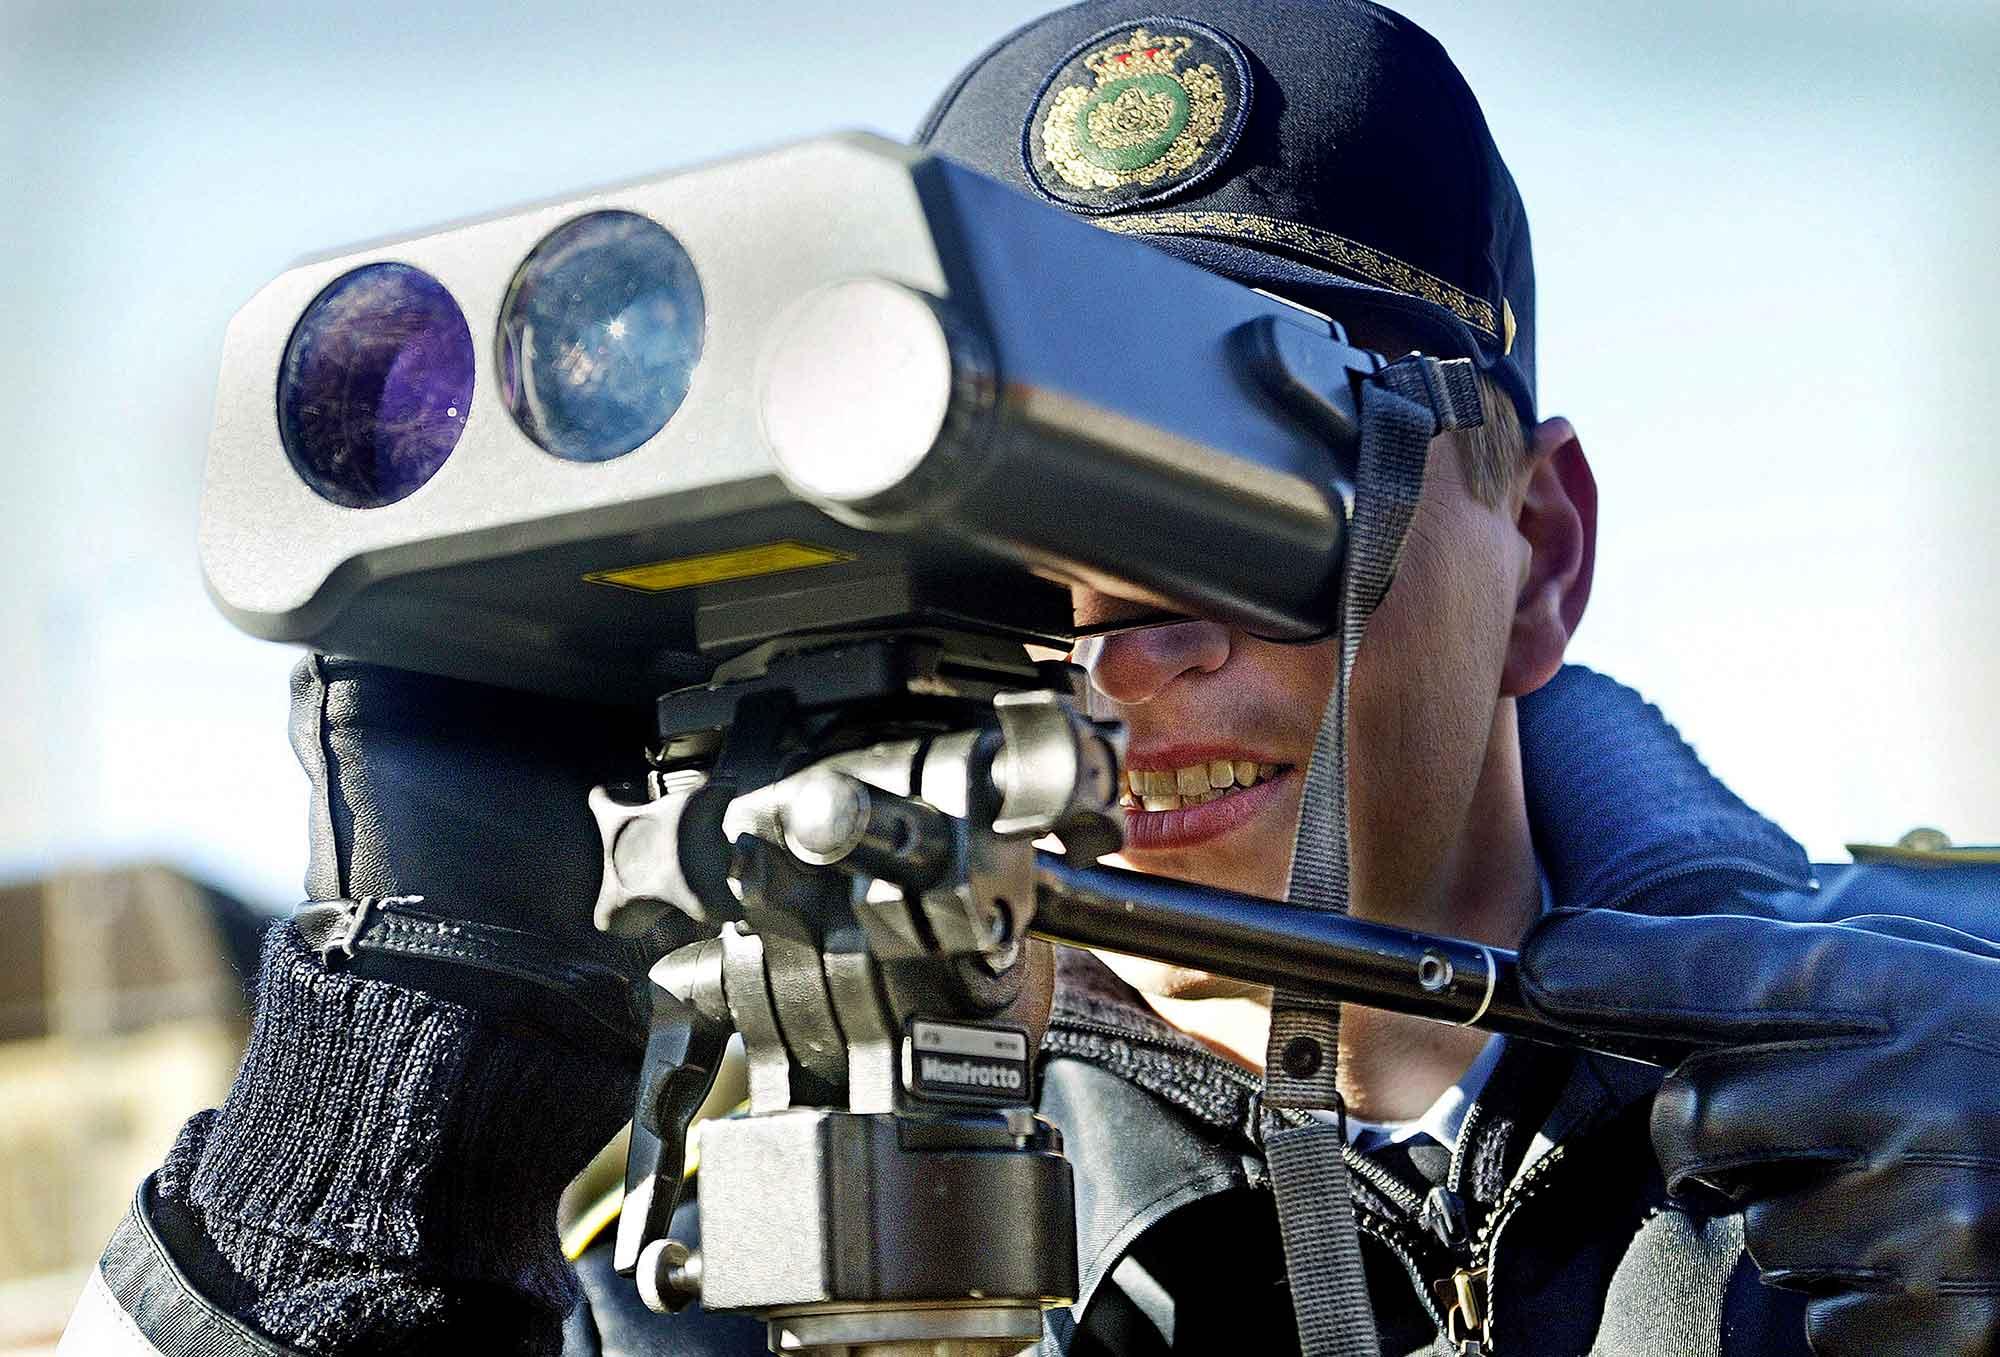 Fartkontrol - Politiet måler fart